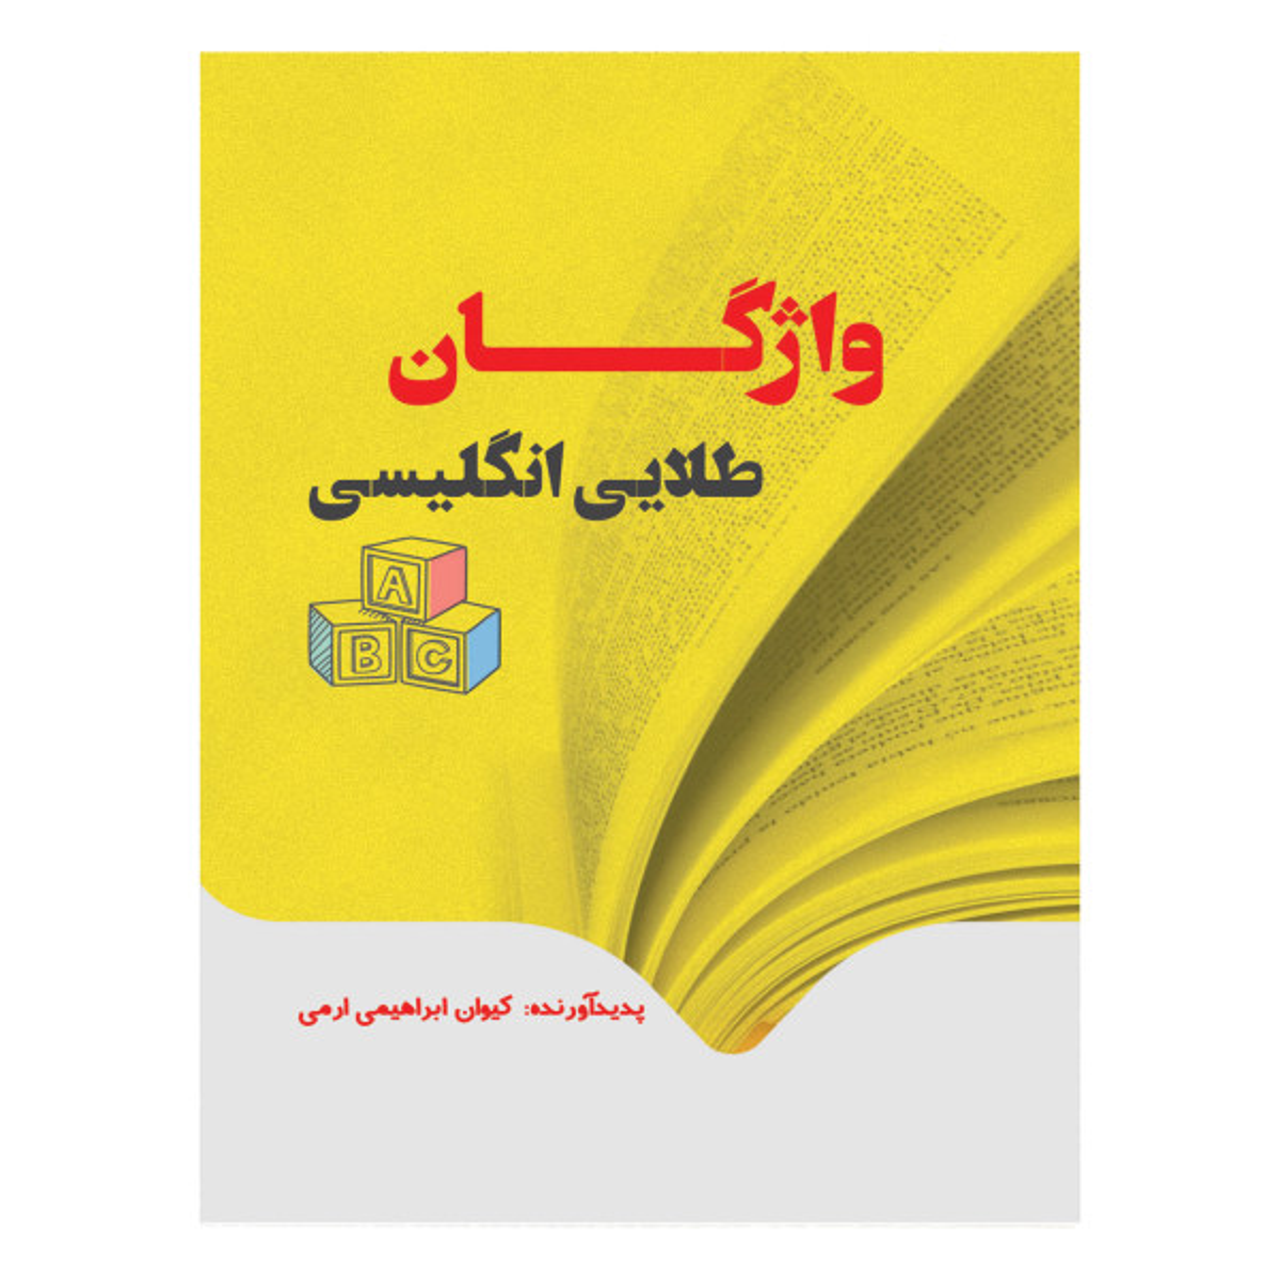 کتاب واژگان طلایی زبان انگلیسی اثر کیوان ابراهیمی ارمی